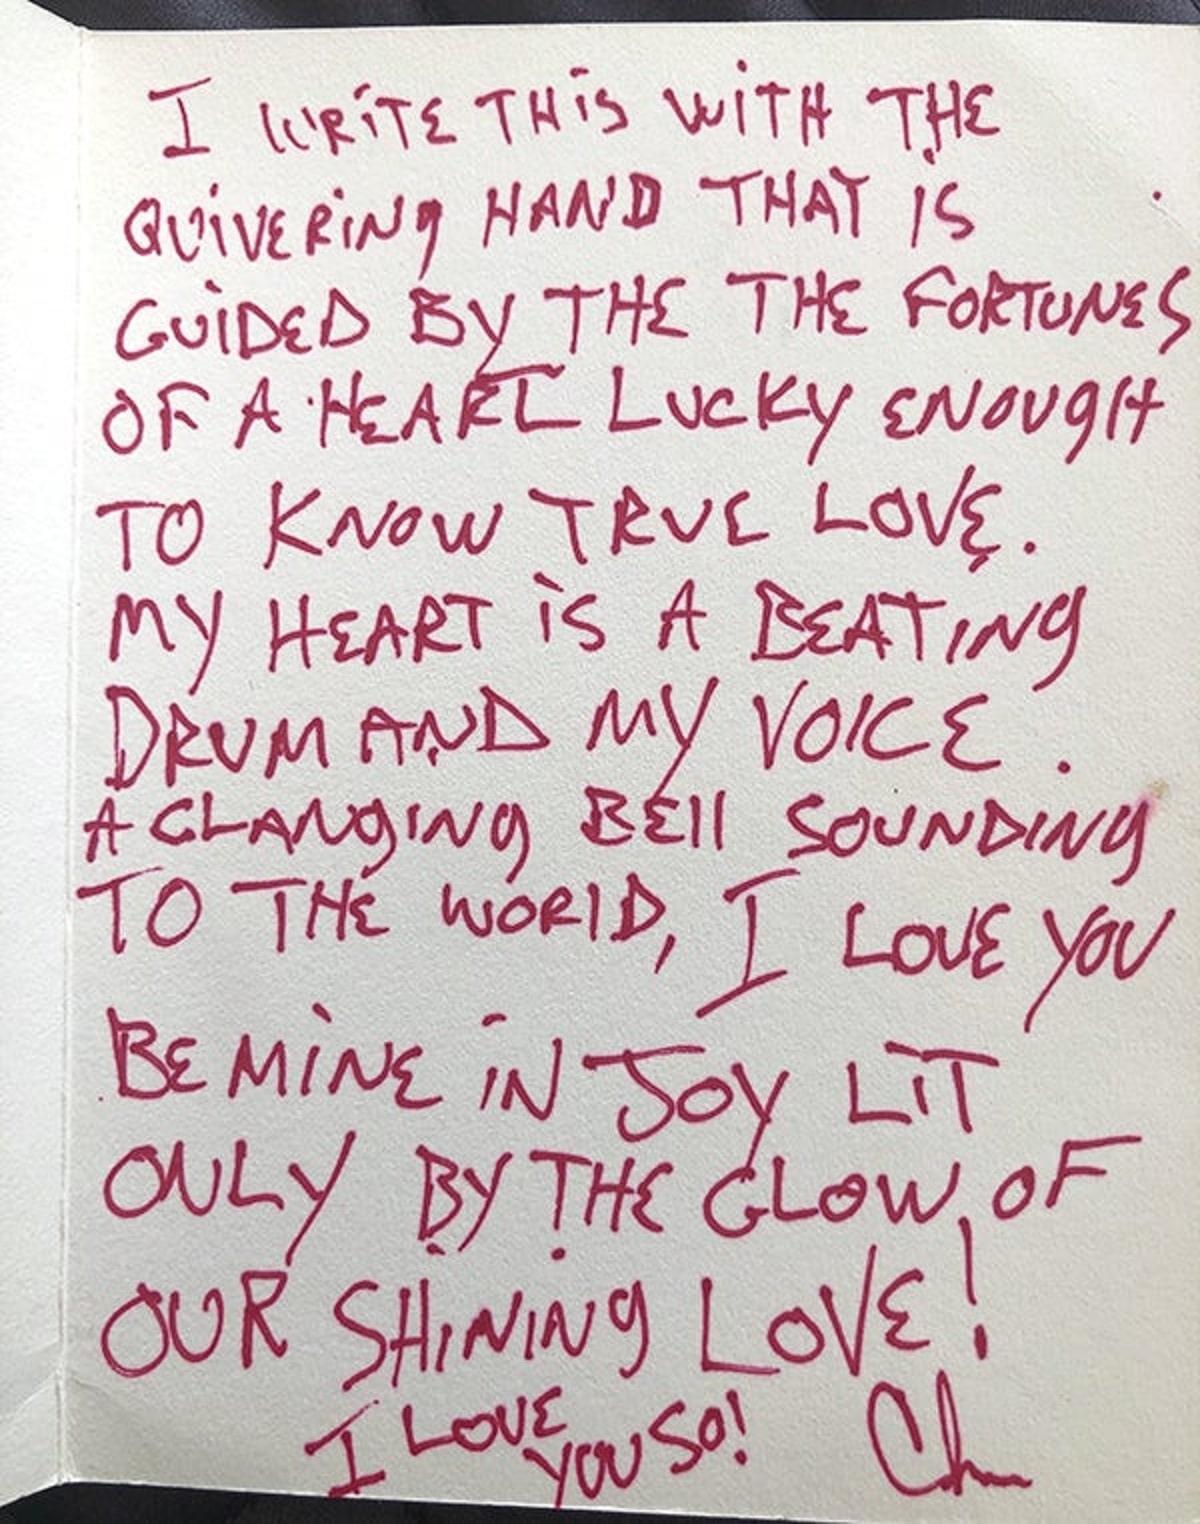 La carta de Chris Cornell a su esposa Vicky